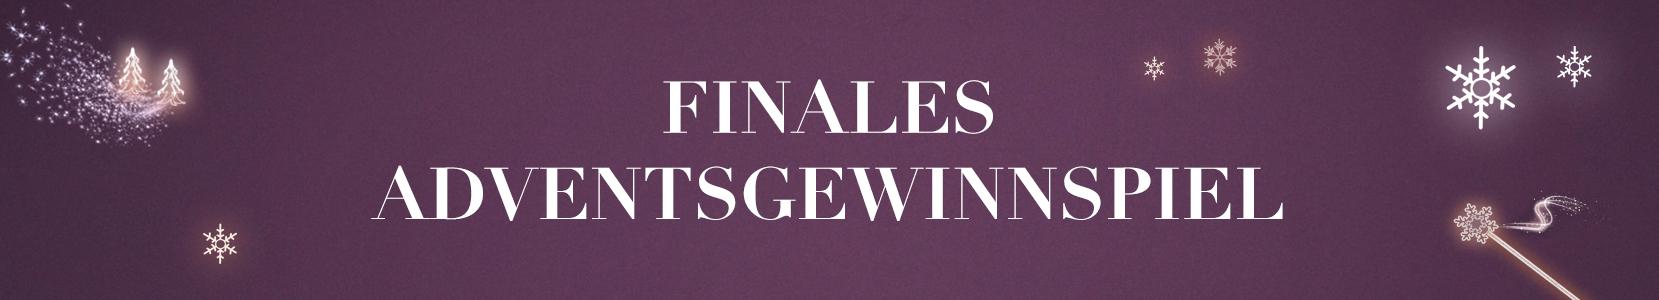 1659x300_Finales-Adventsgewinnspiel